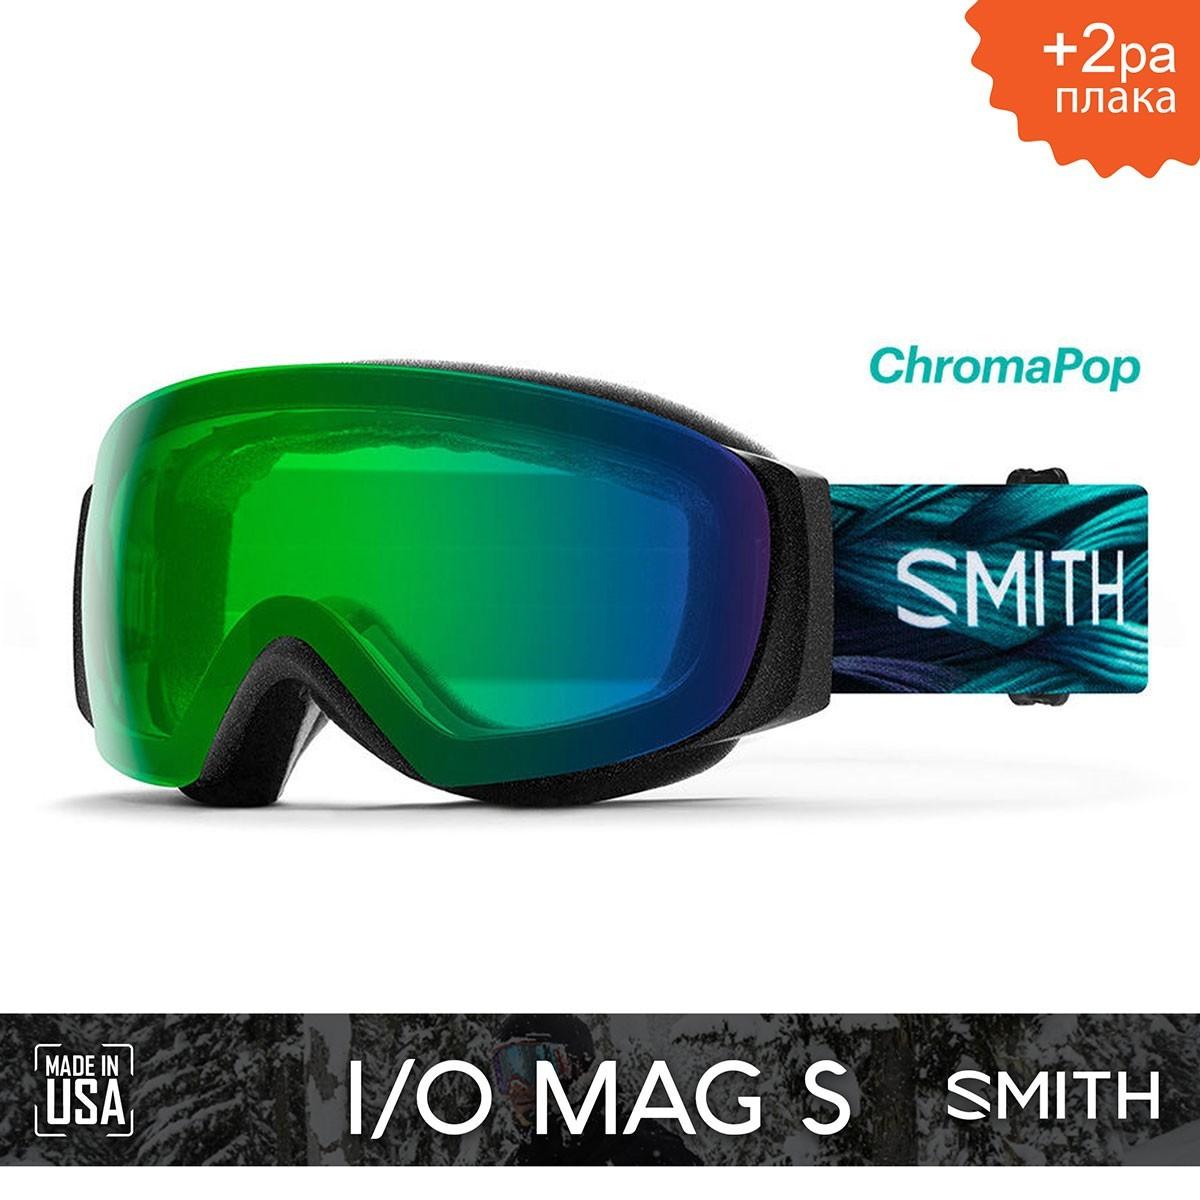 SMITH IO MAG S AC Adele Renault | S2 CHROMAPOP Everyday Green Mirror - Изображение - AQUAMATRIX